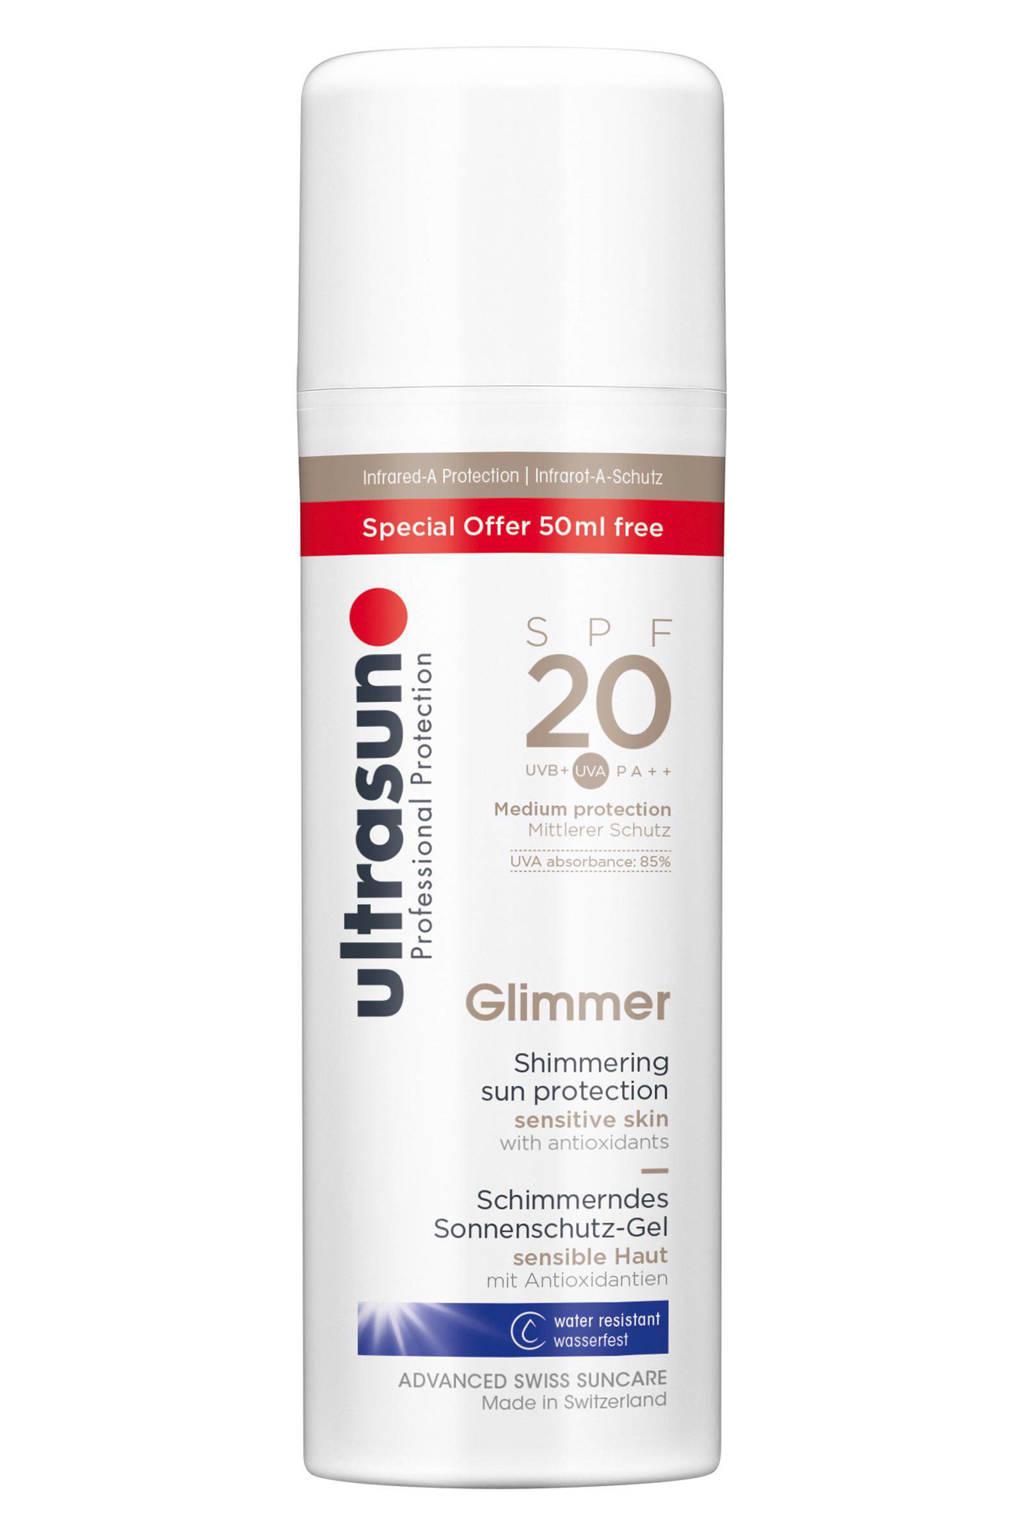 Ultrasun Glimmer zonnebrandmelk SPF 20 - 150 ml, Zonnefactor SPF 20